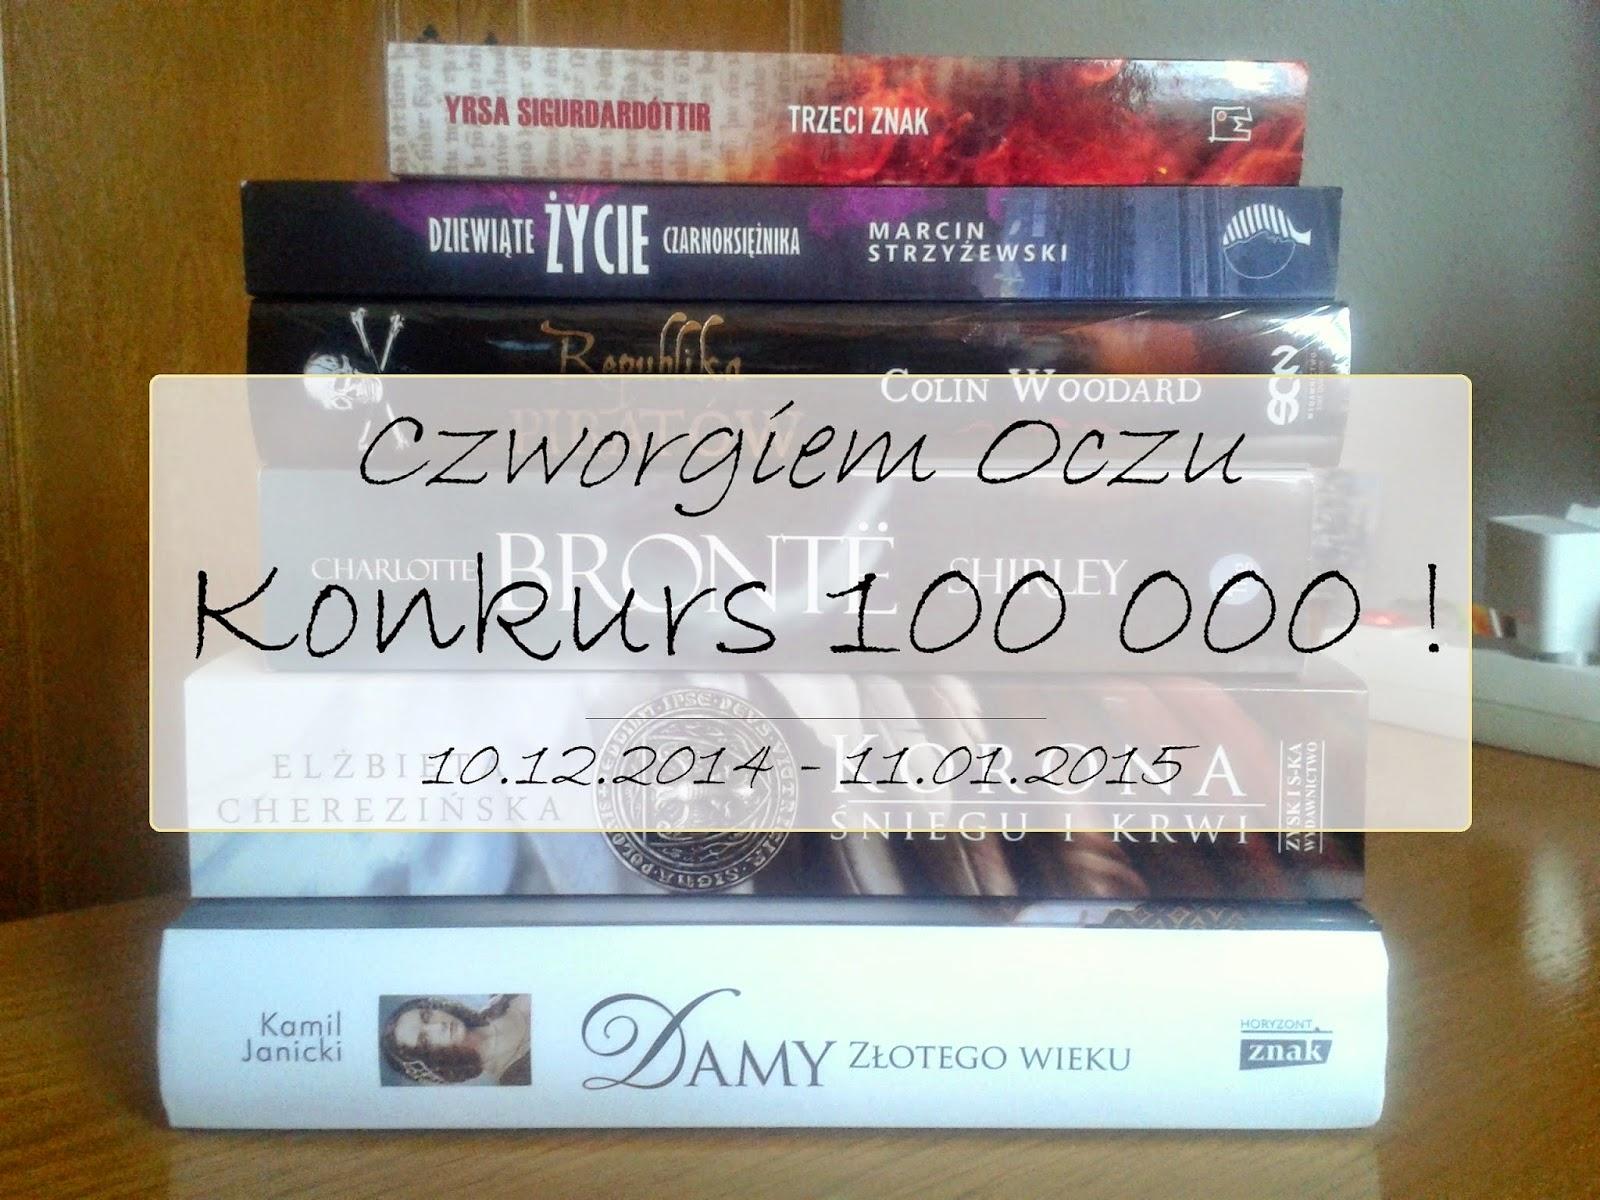 http://czworgiem-oczu.blogspot.com/2014/12/konkurs-z-okazji-100-000-wyswietlen.html